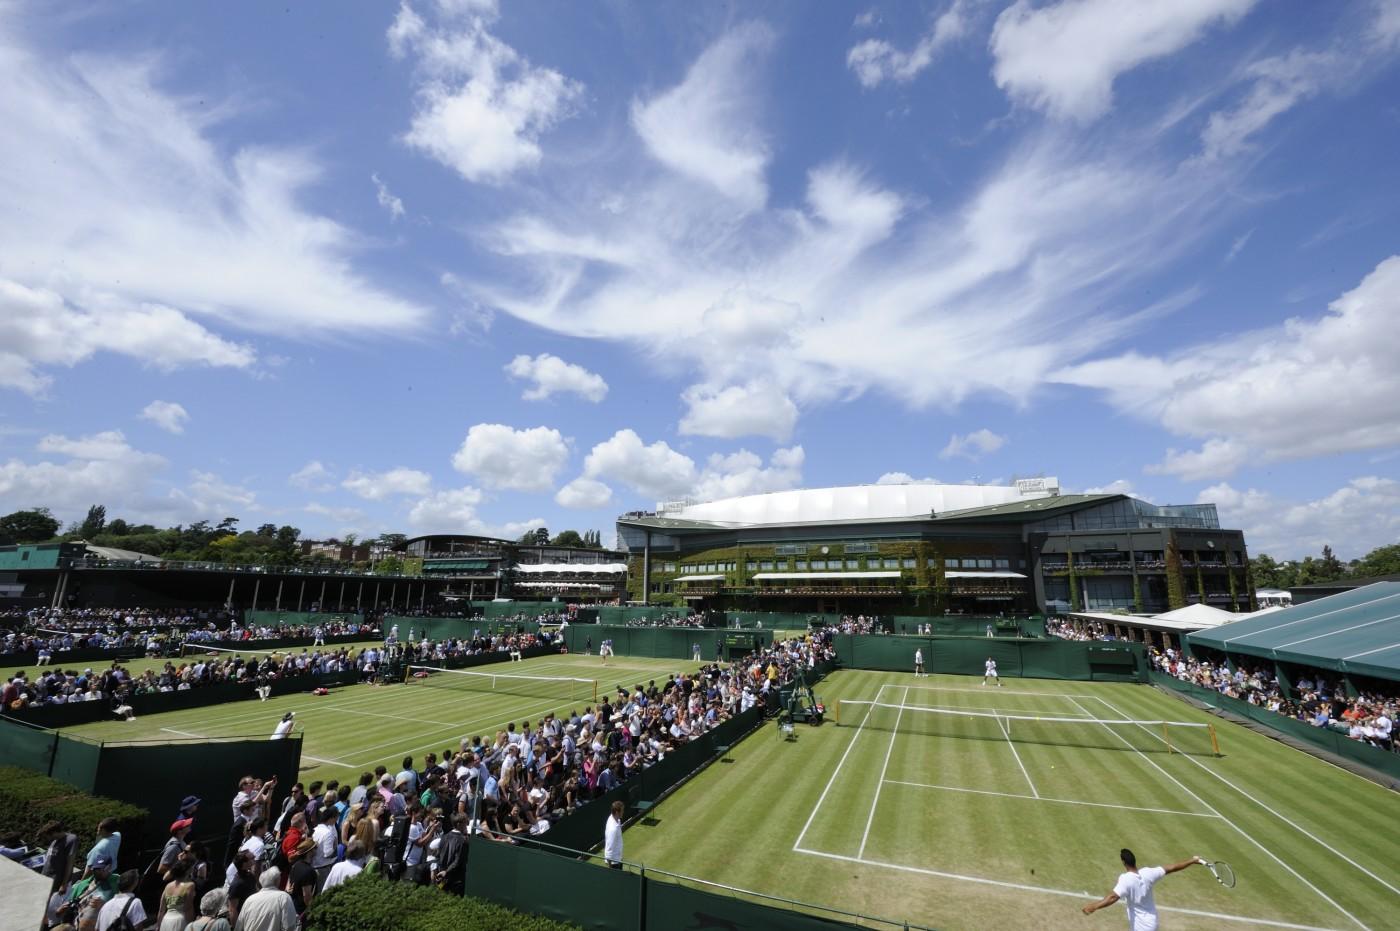 Rolex & Wimbledon - It doesn't just tell time, it tells history